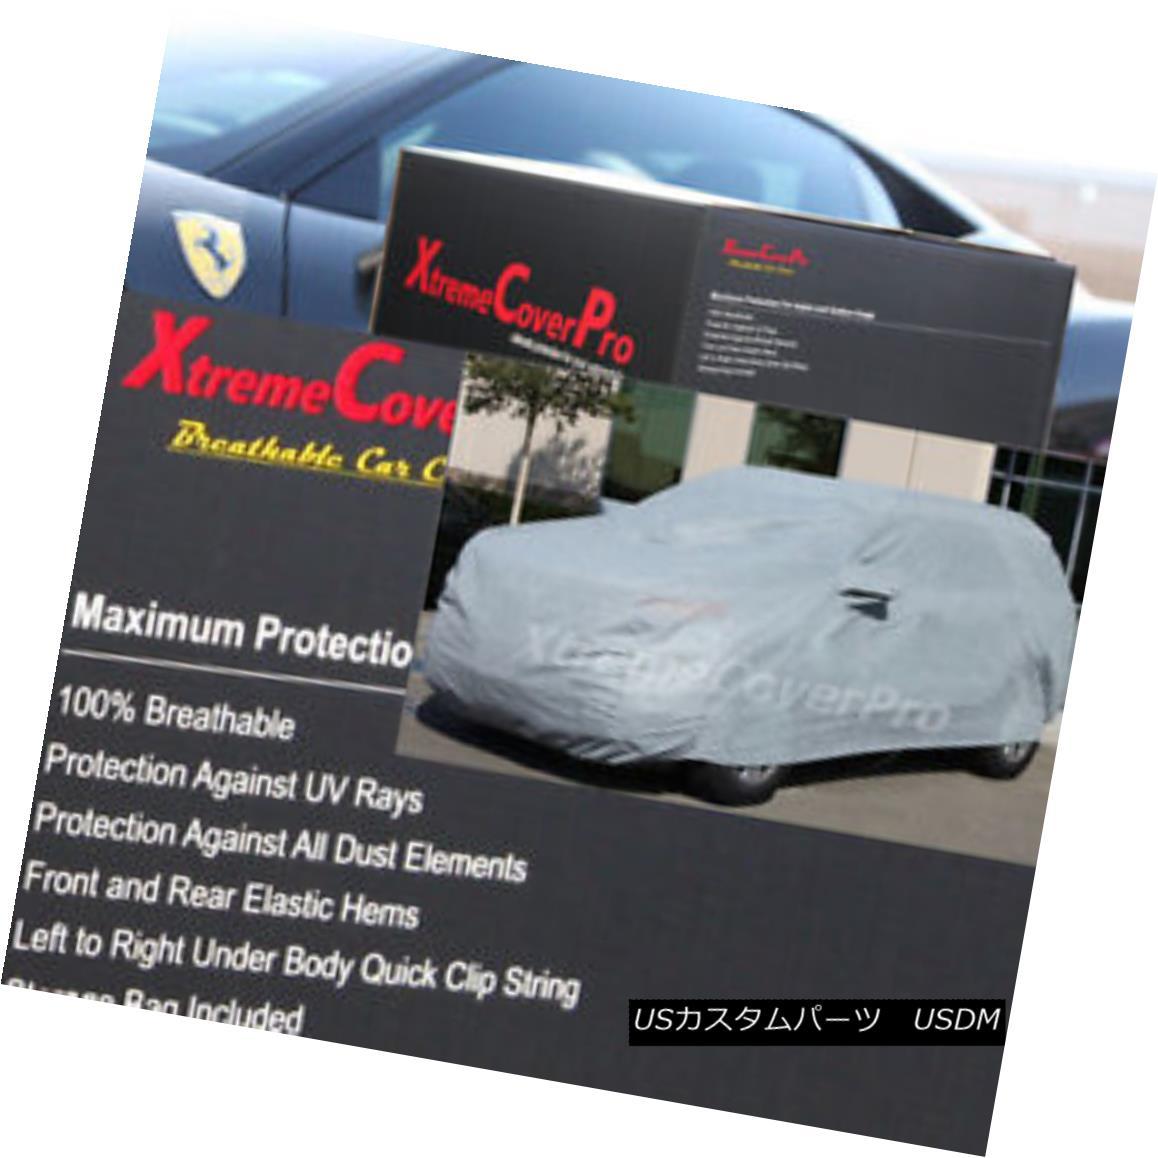 カーカバー 2015 JEEP WRANGLER UNLIMITED Breathable Car Cover w/Mirror Pockets - Gray 2015 JEEP WRANGLER無制限通気性の車カバー付き/ミラーポケット - グレー